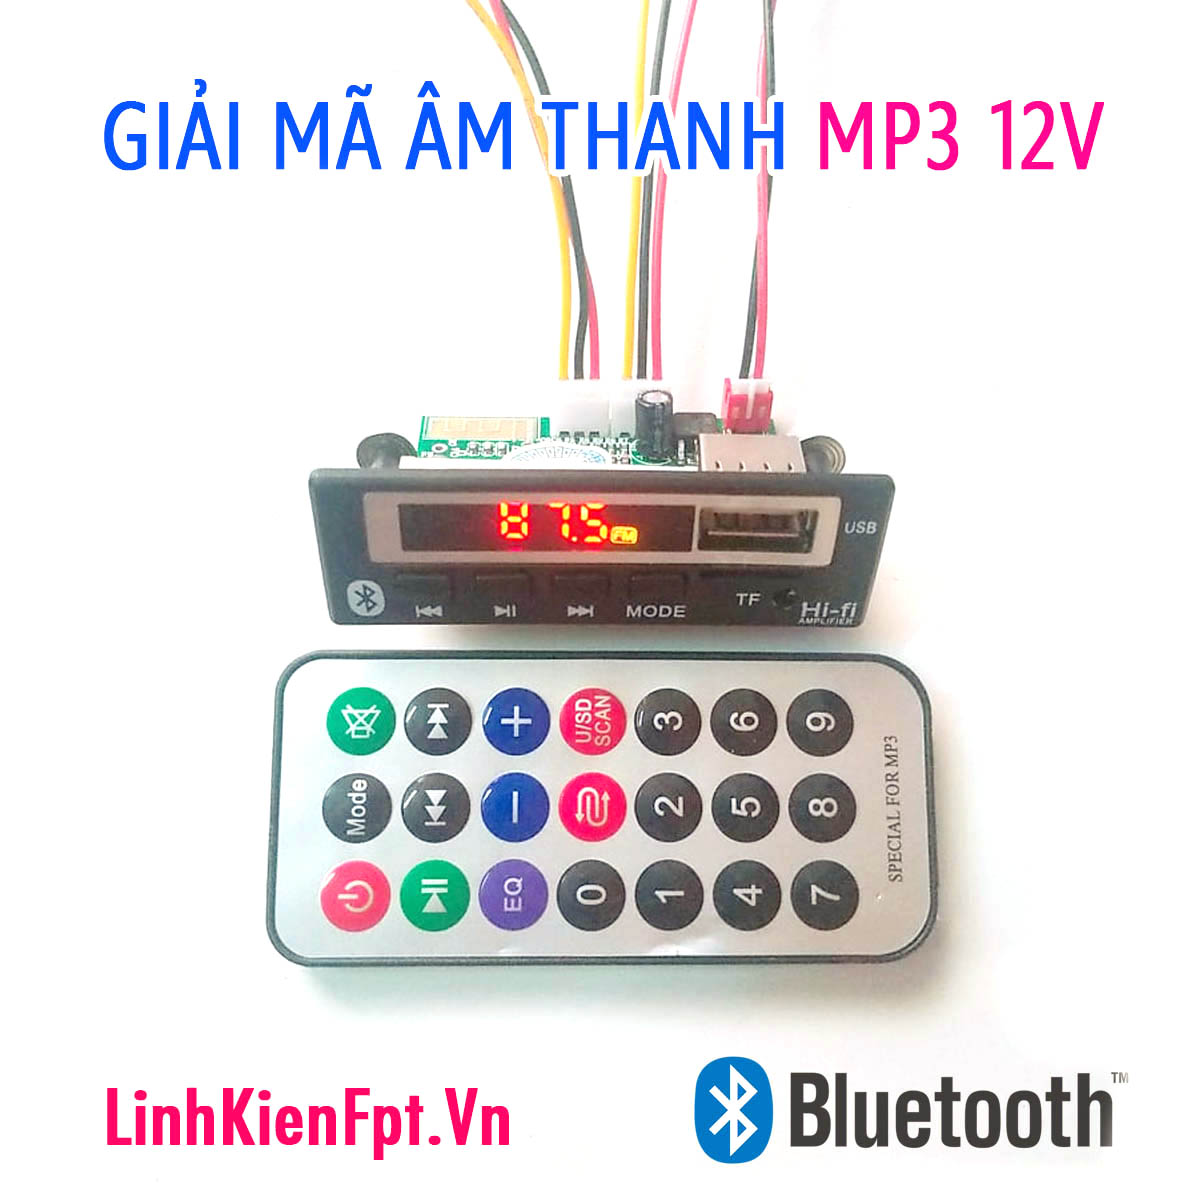 Mạch Giải Mã  Bluetooth Hồng Ngoại 12V LCD